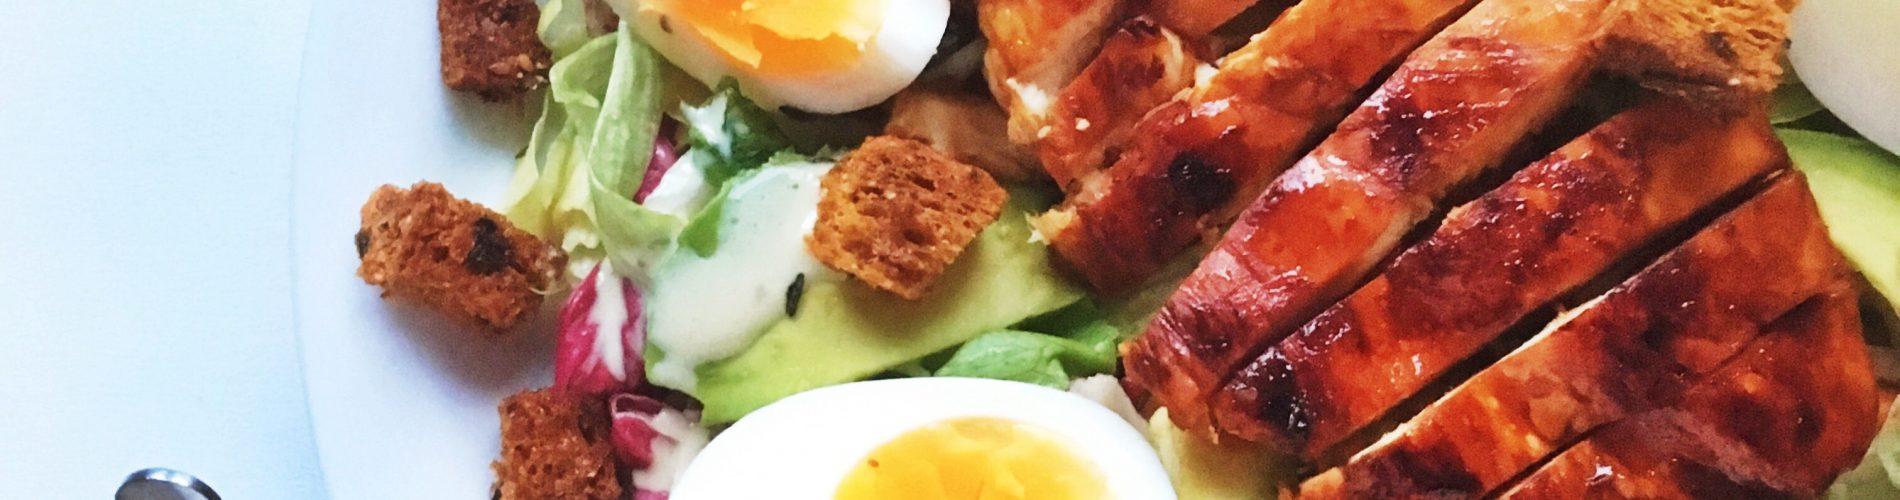 Salade | Ceasar salade